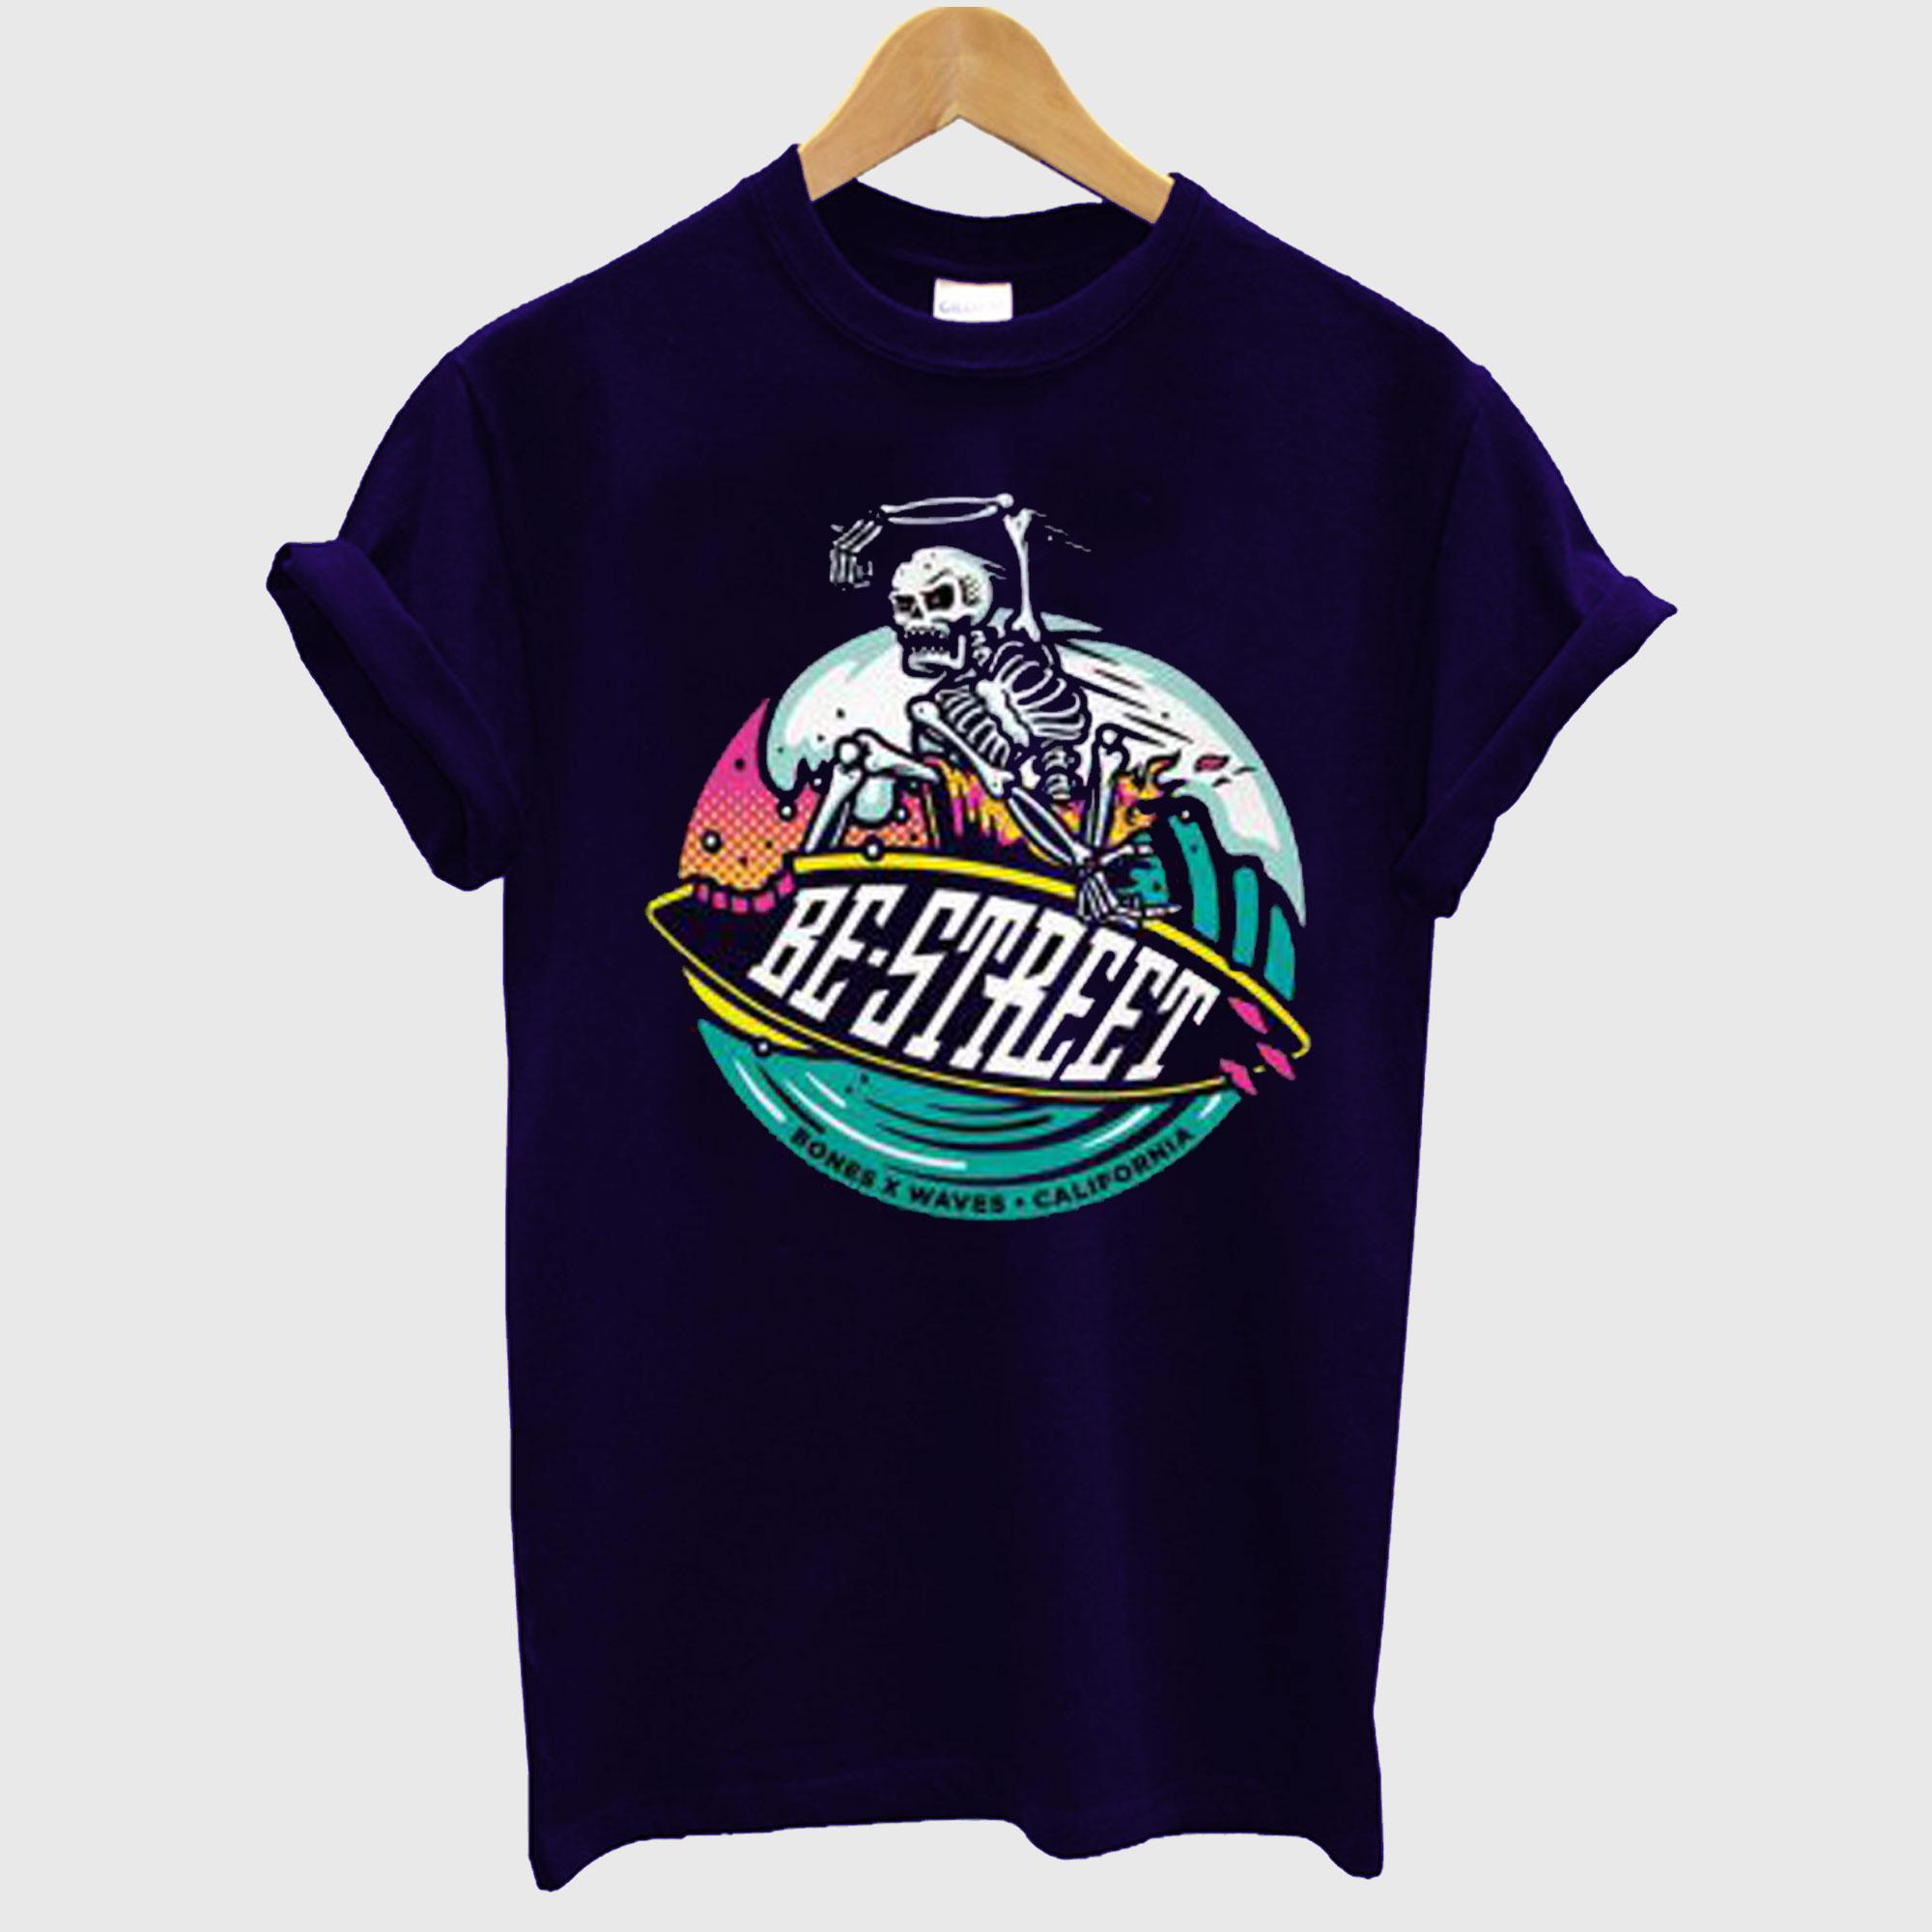 Zach Zhuta T-Shirt